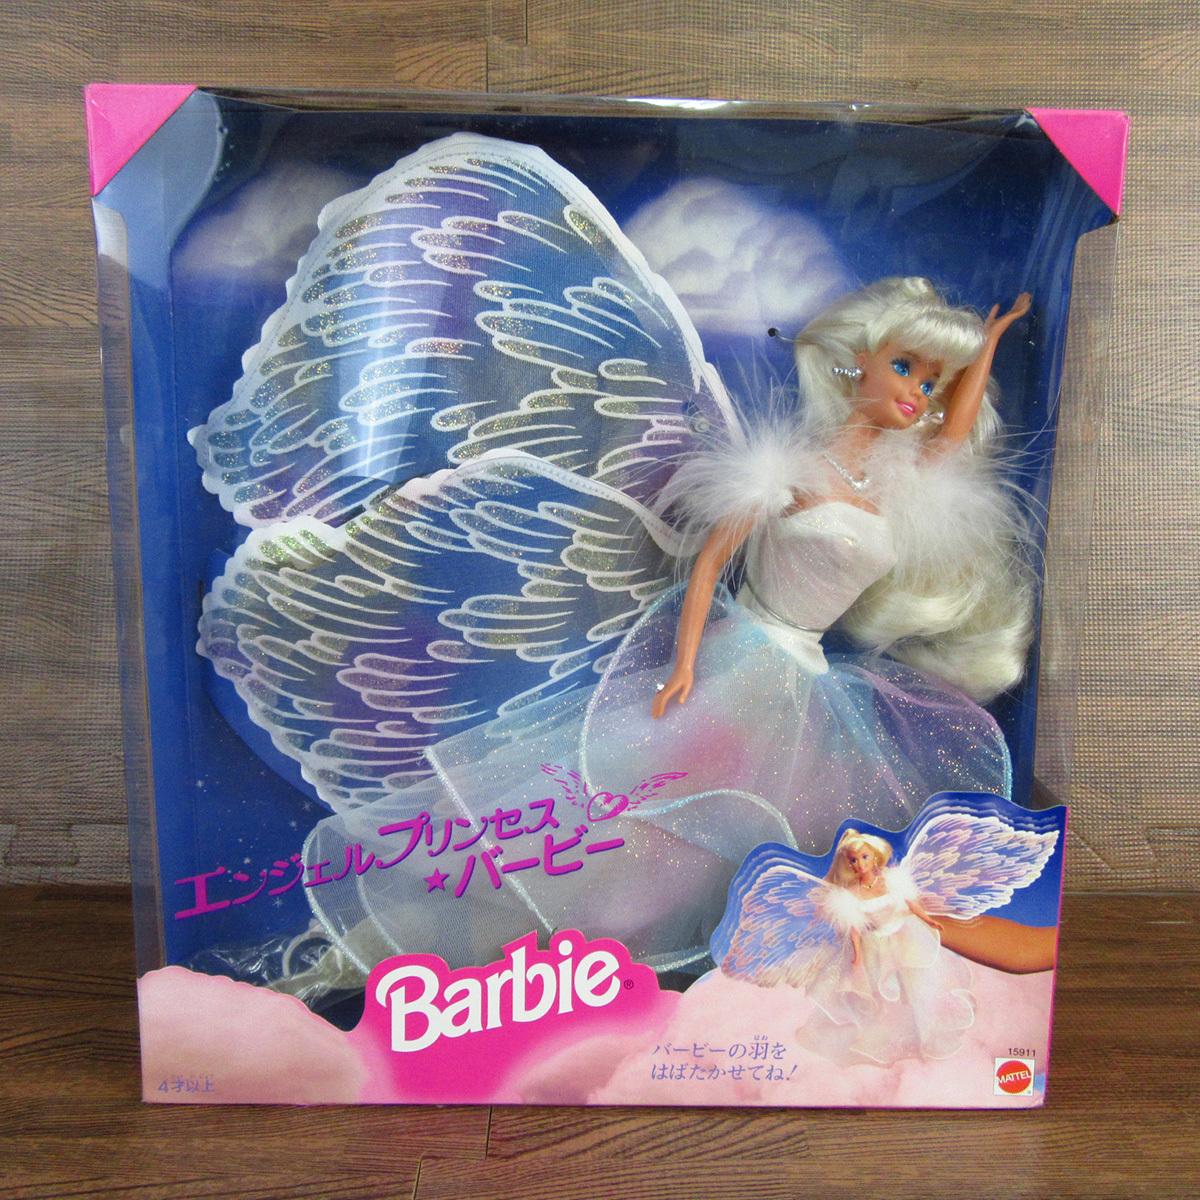 未使用 箱入り Barbie バービー 8点セット MATTEL マテル ドール 人形 8体 まとめ 玩具 東E_画像6